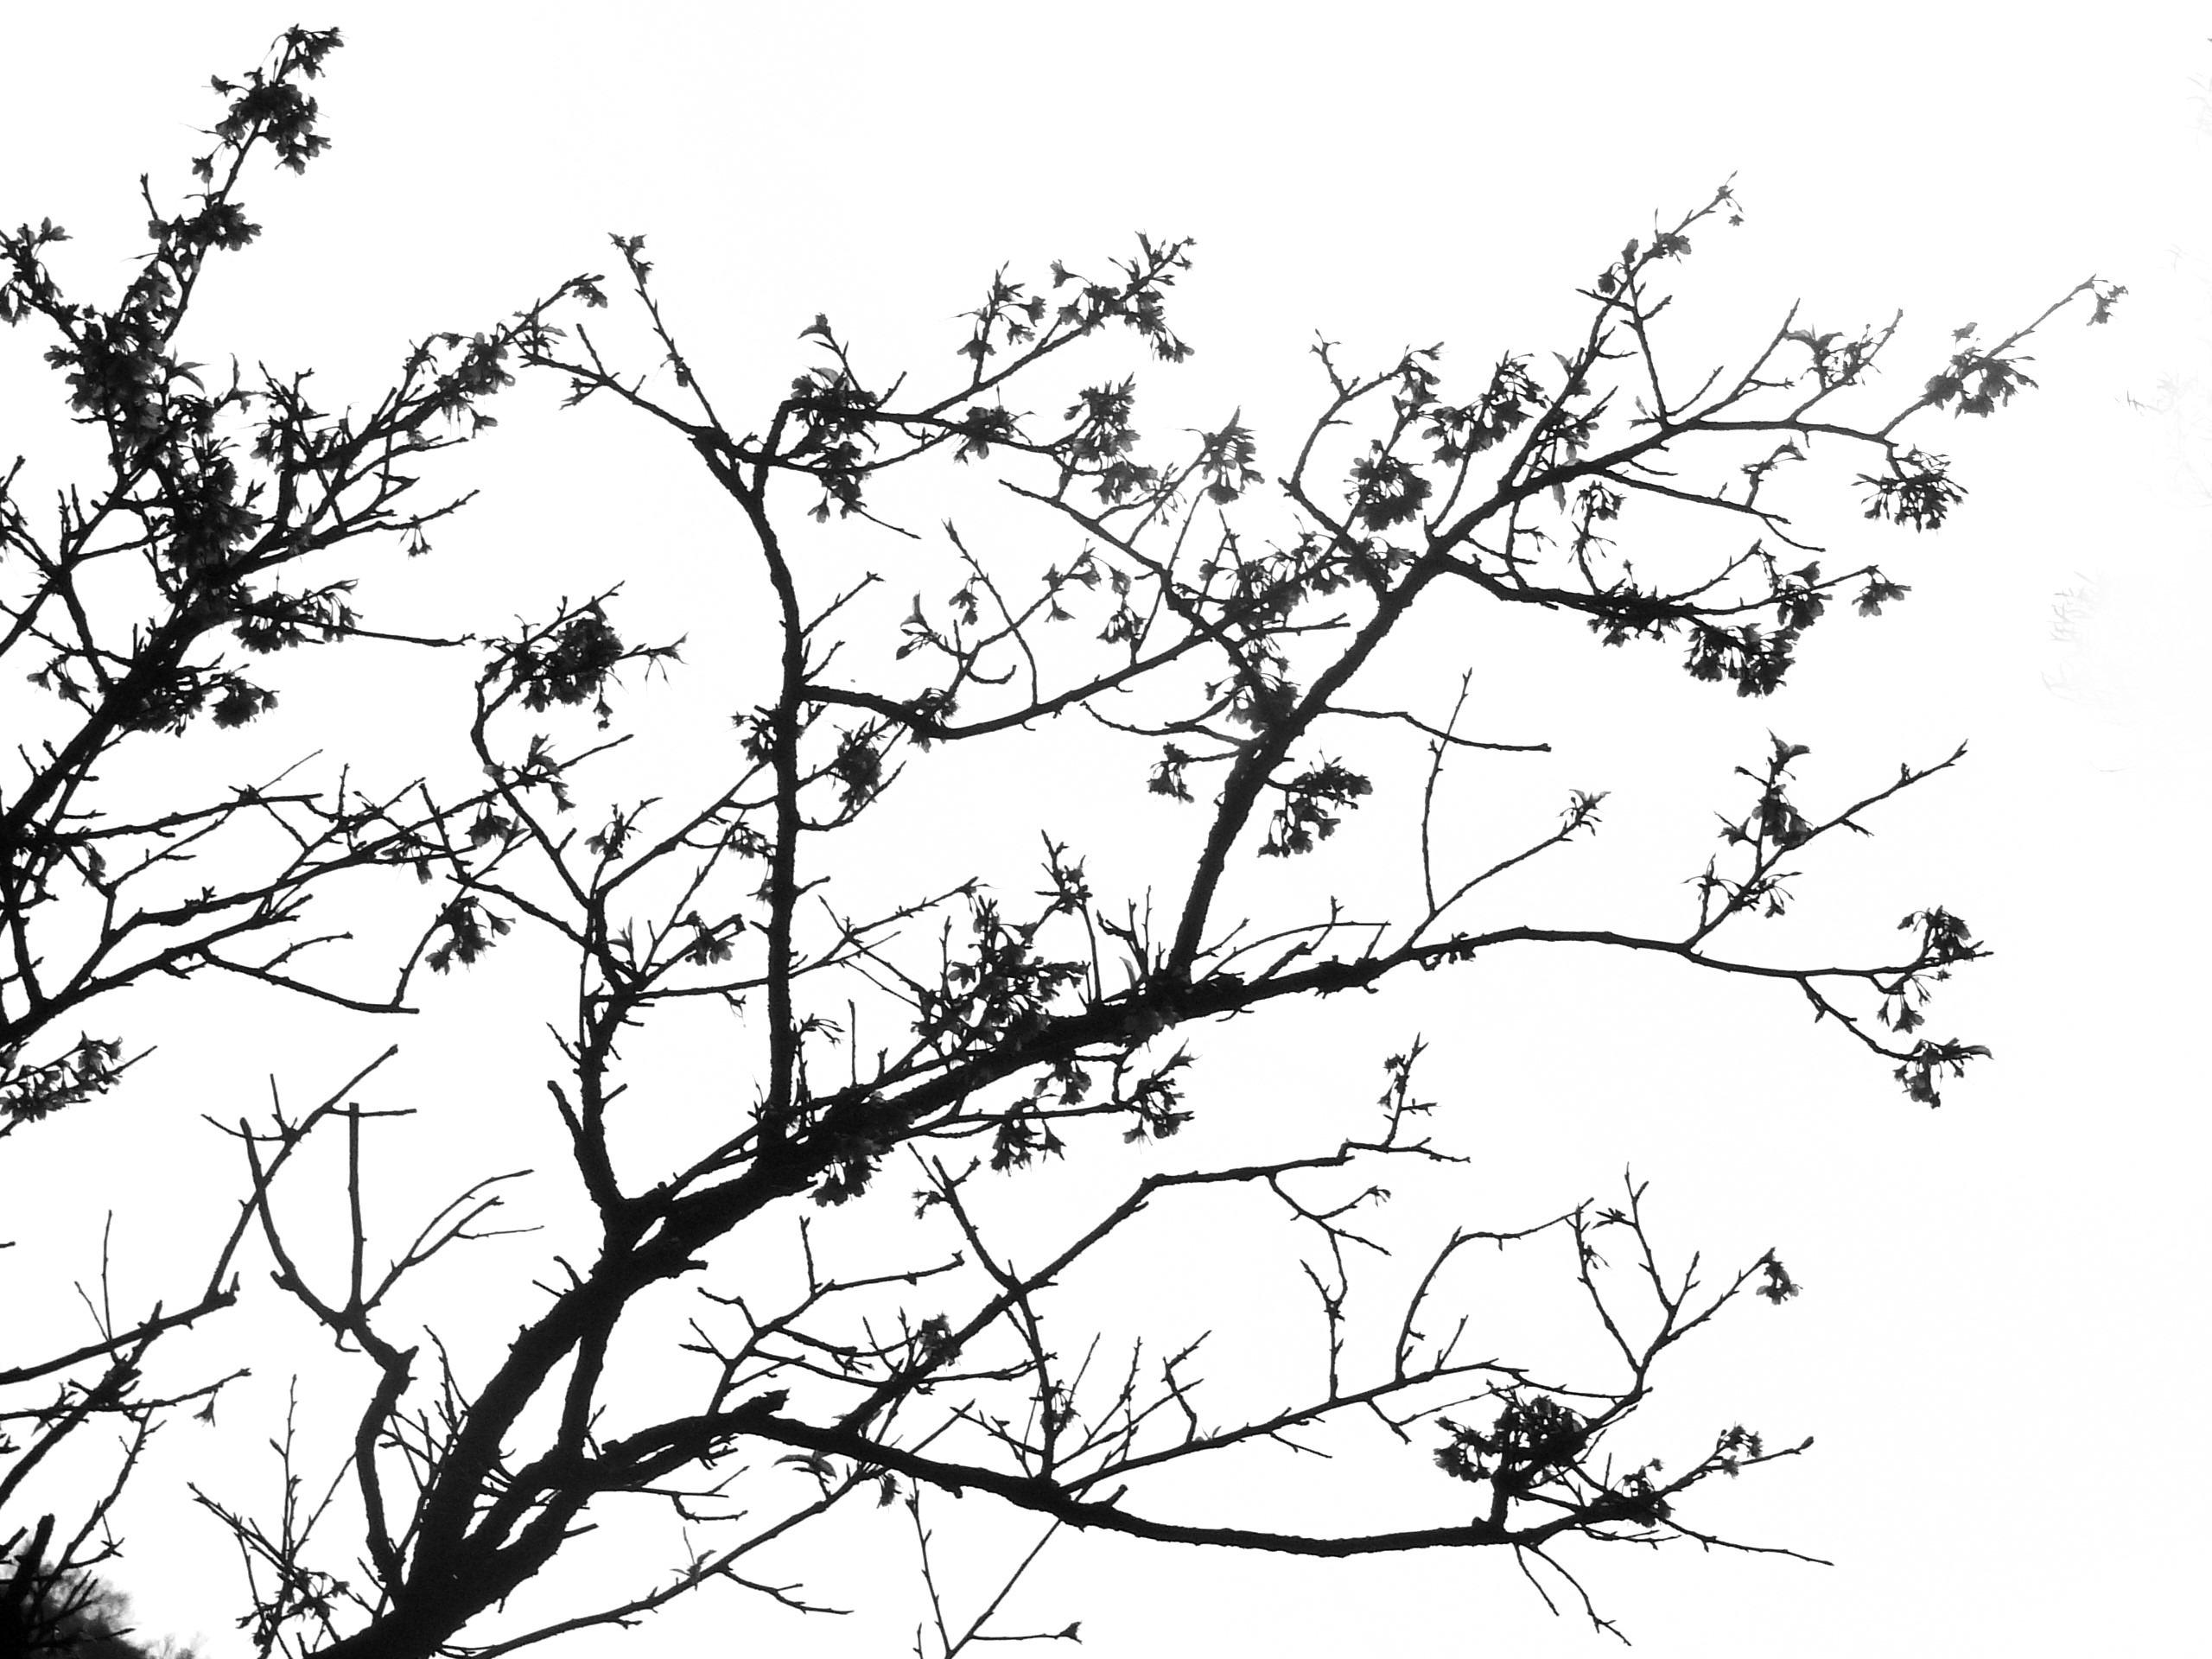 Gambar Pohon Cabang Hitam Dan Putih Bunga Bayangan